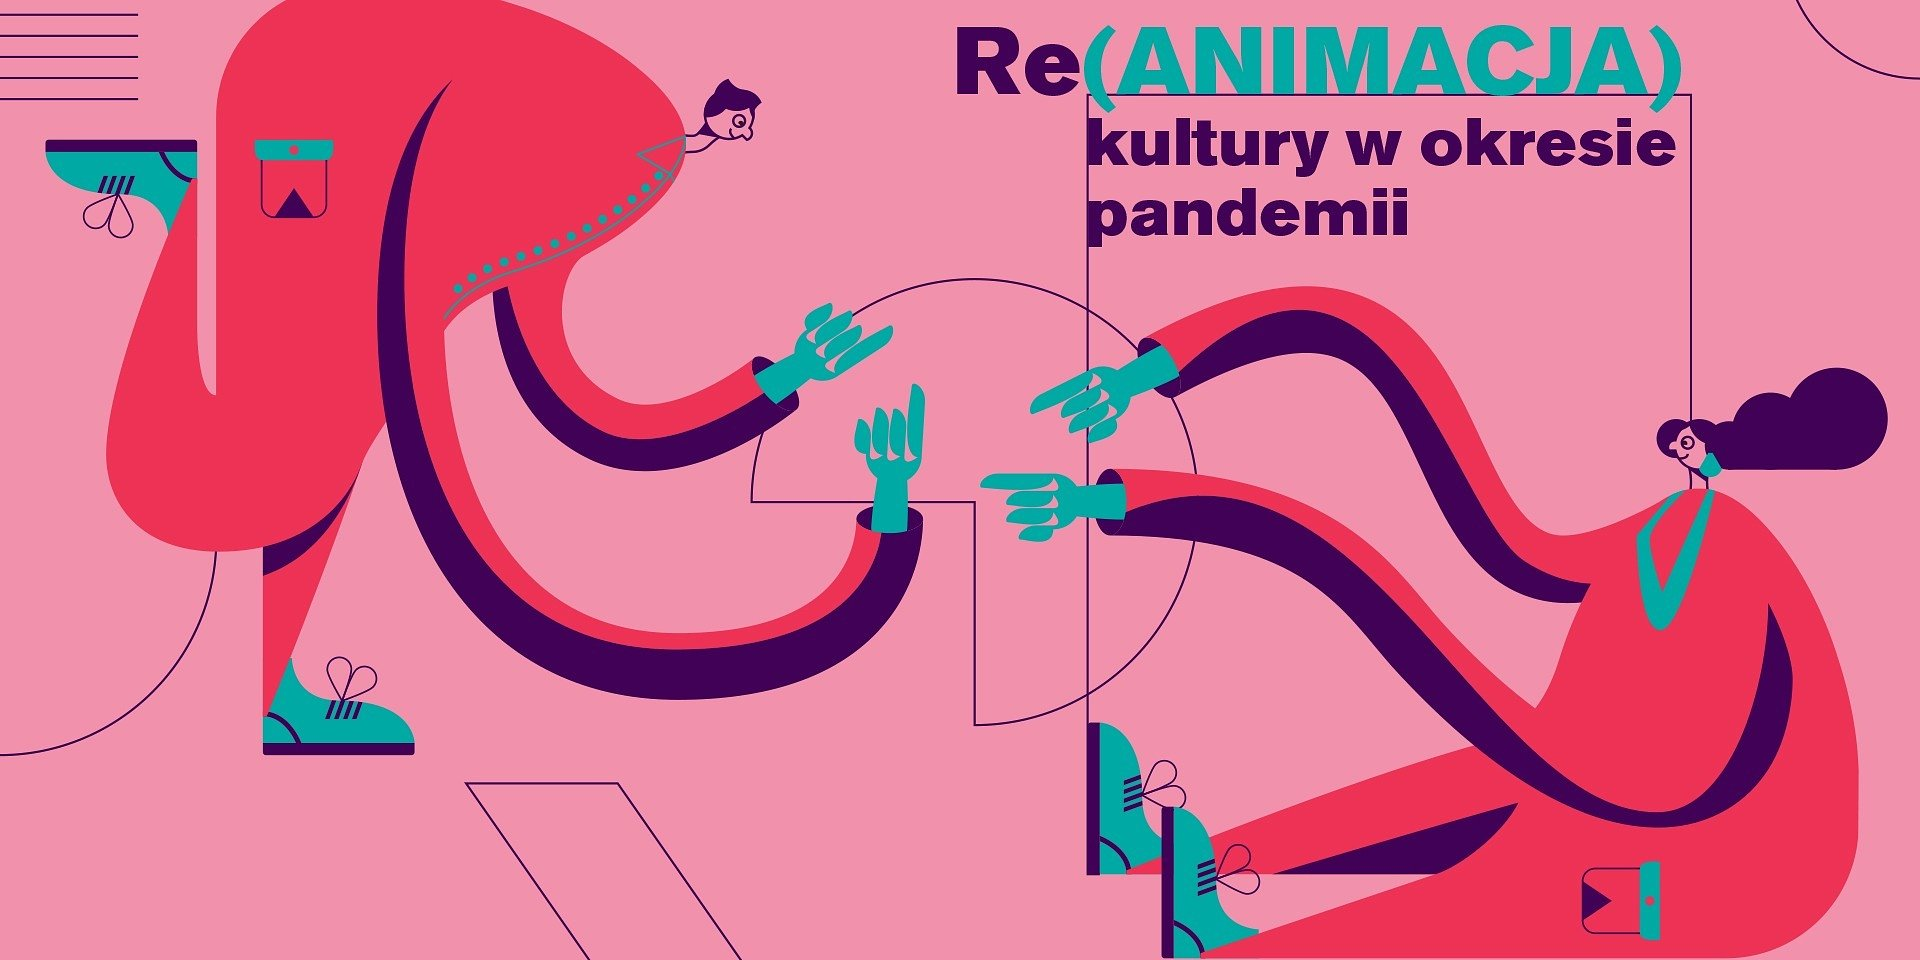 Kuracja (re)animacja – mazowiecka kultura w pandemii